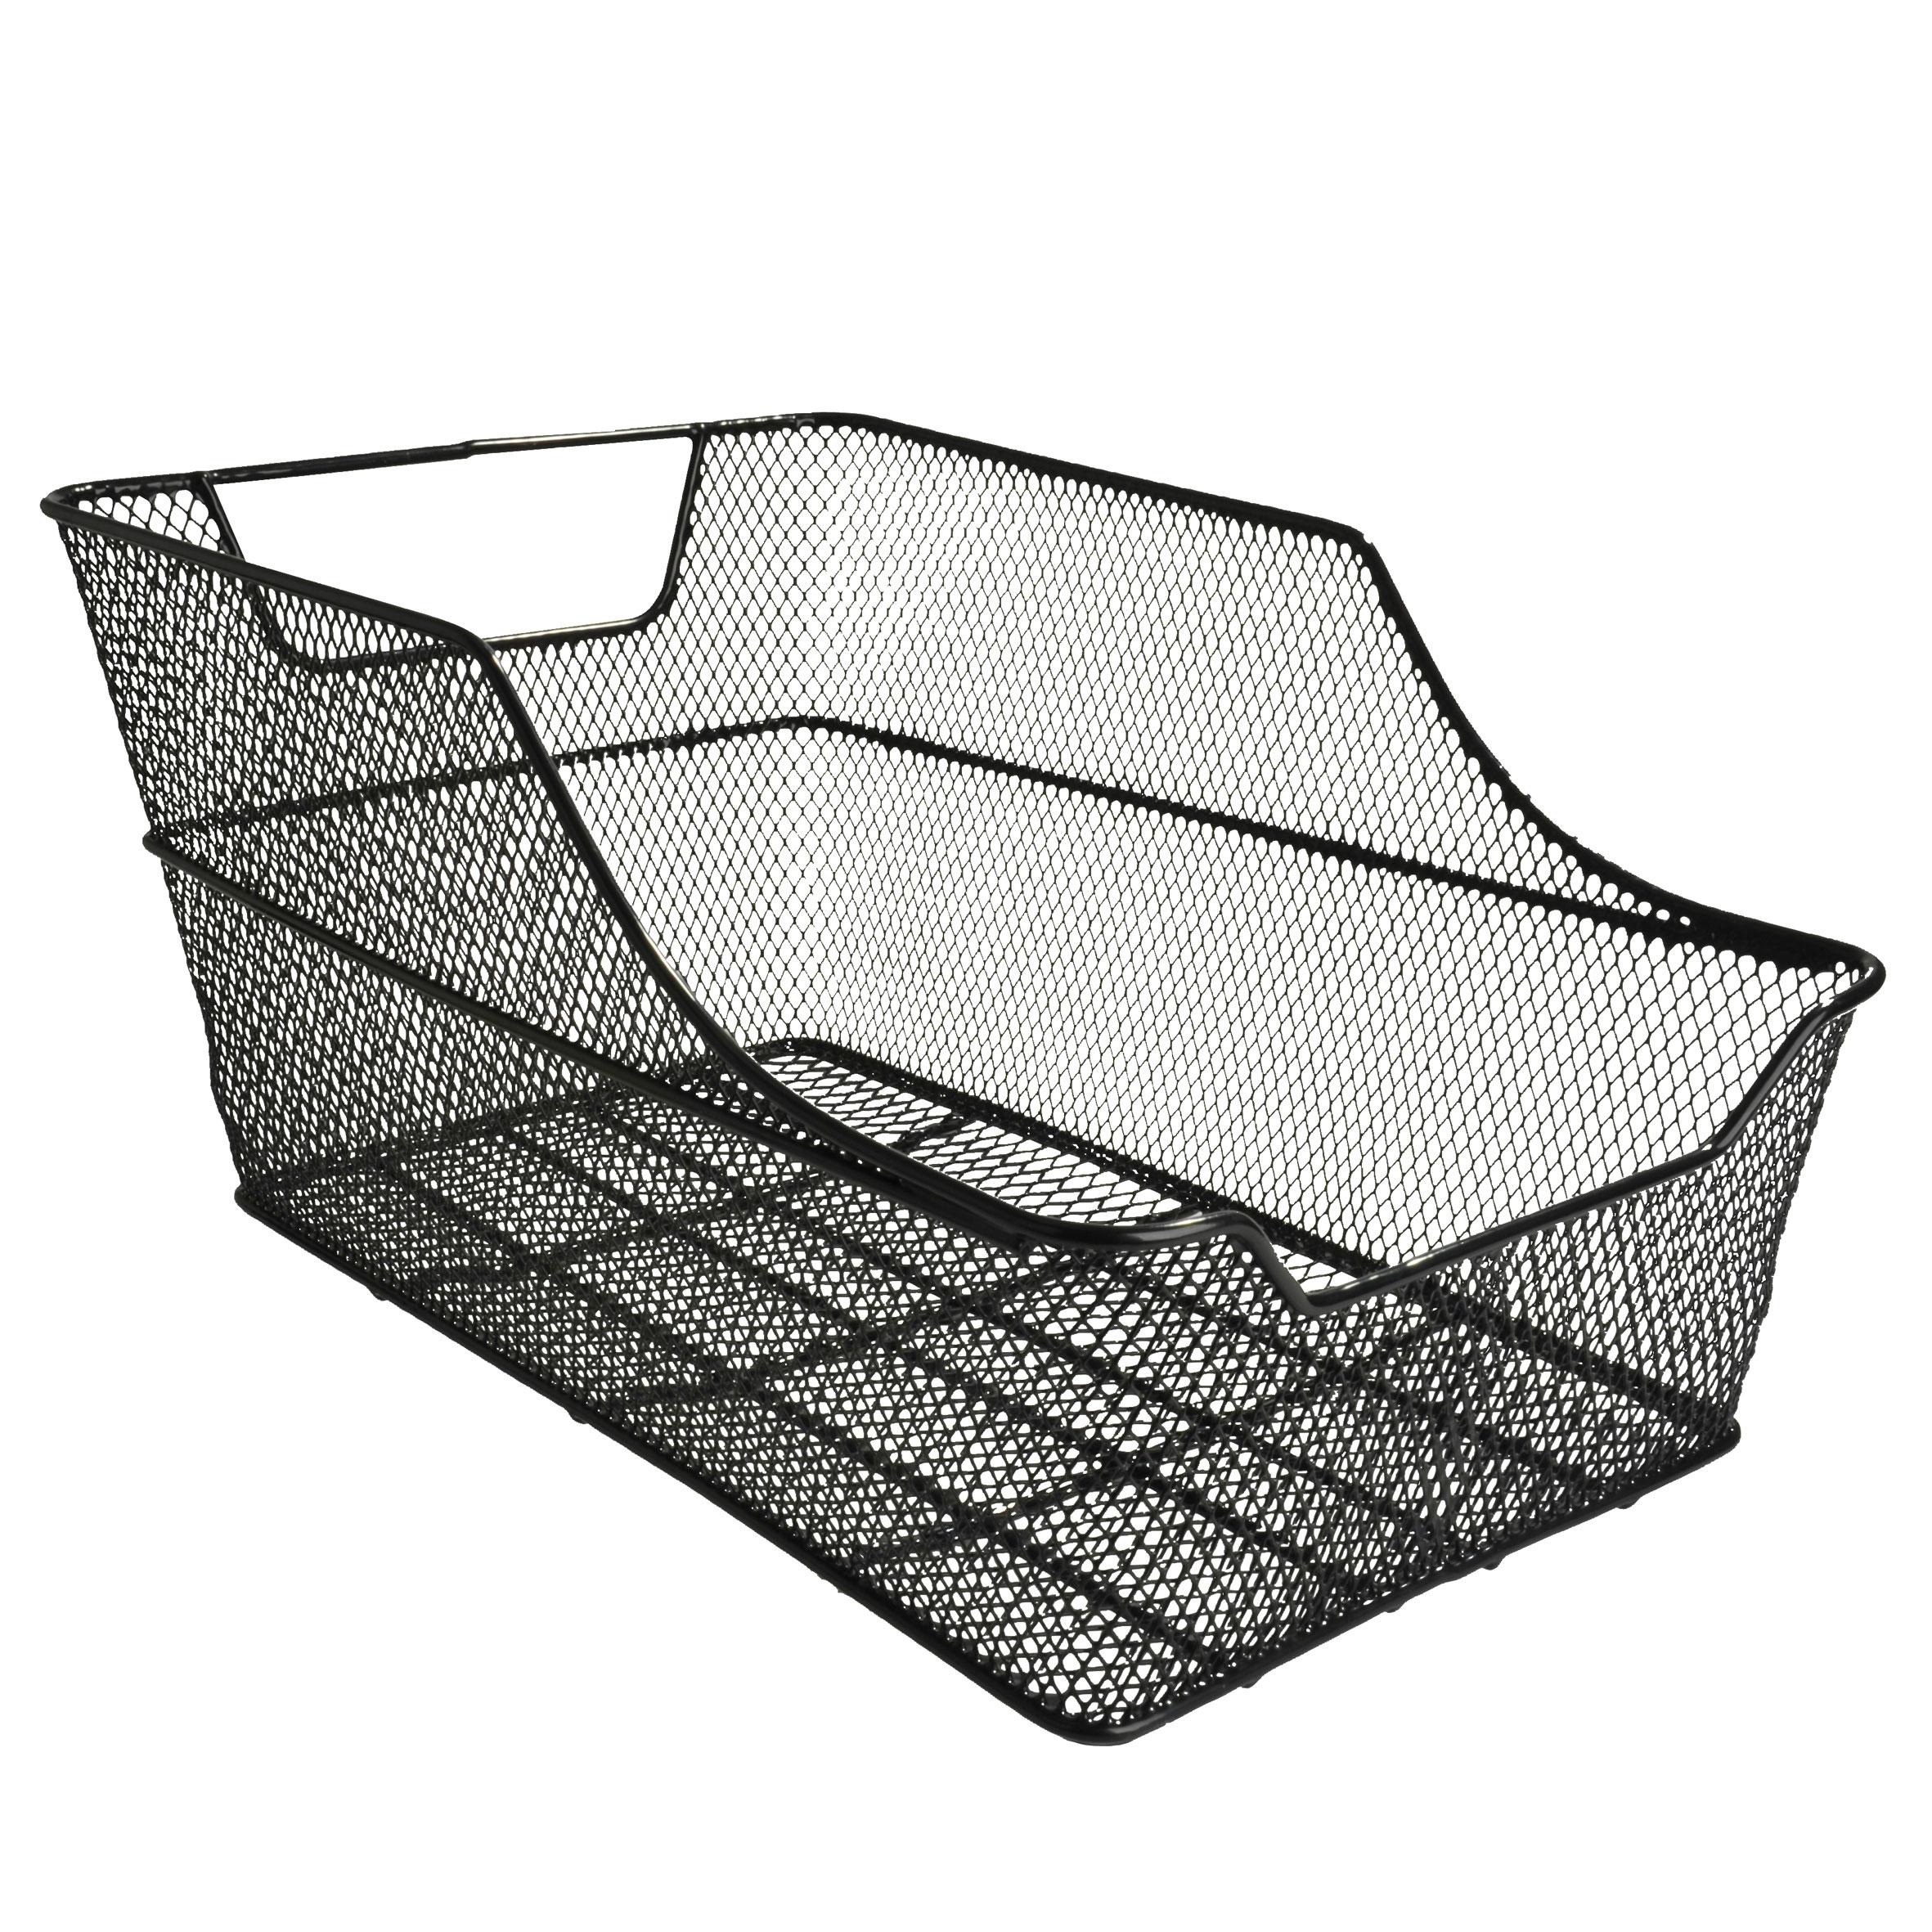 Fischer Fahrradkorb / Korb Schultasche für Gepäckträger Bild 1